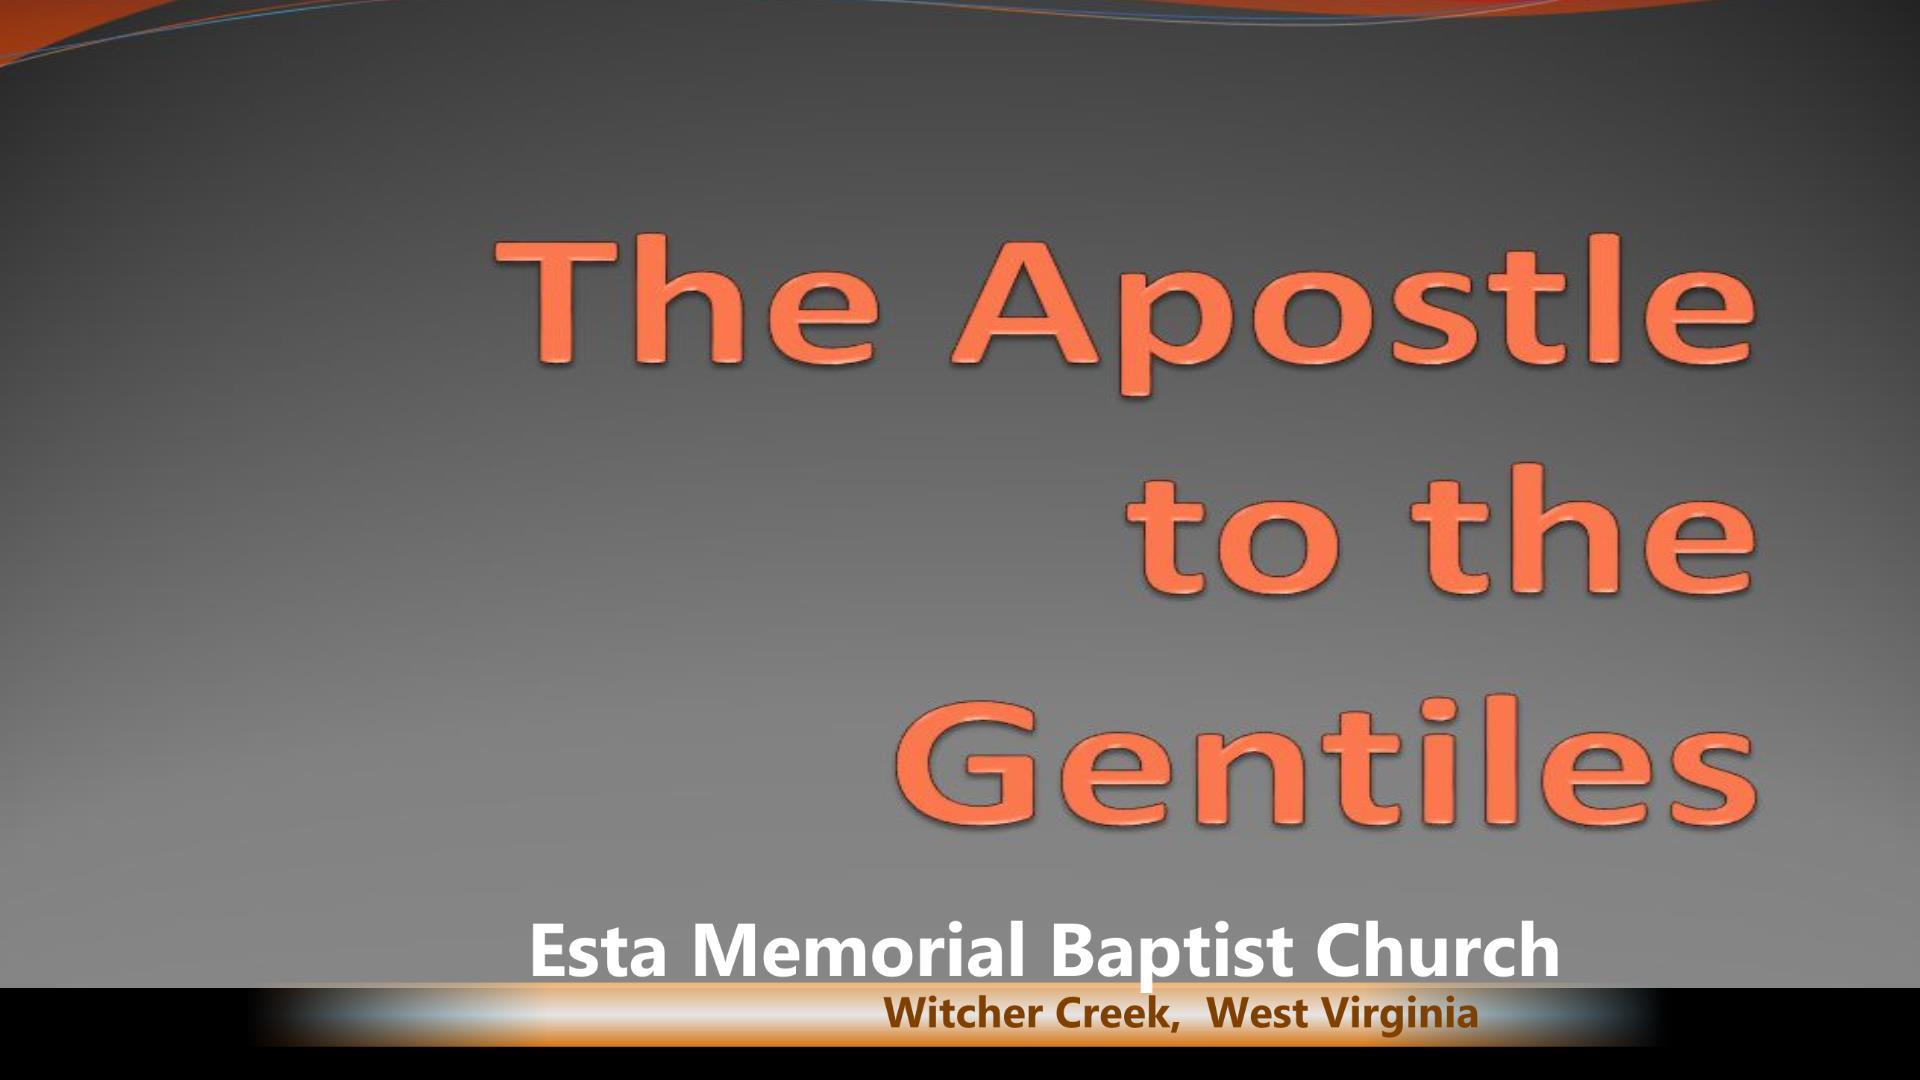 Apostles To The Gentiles